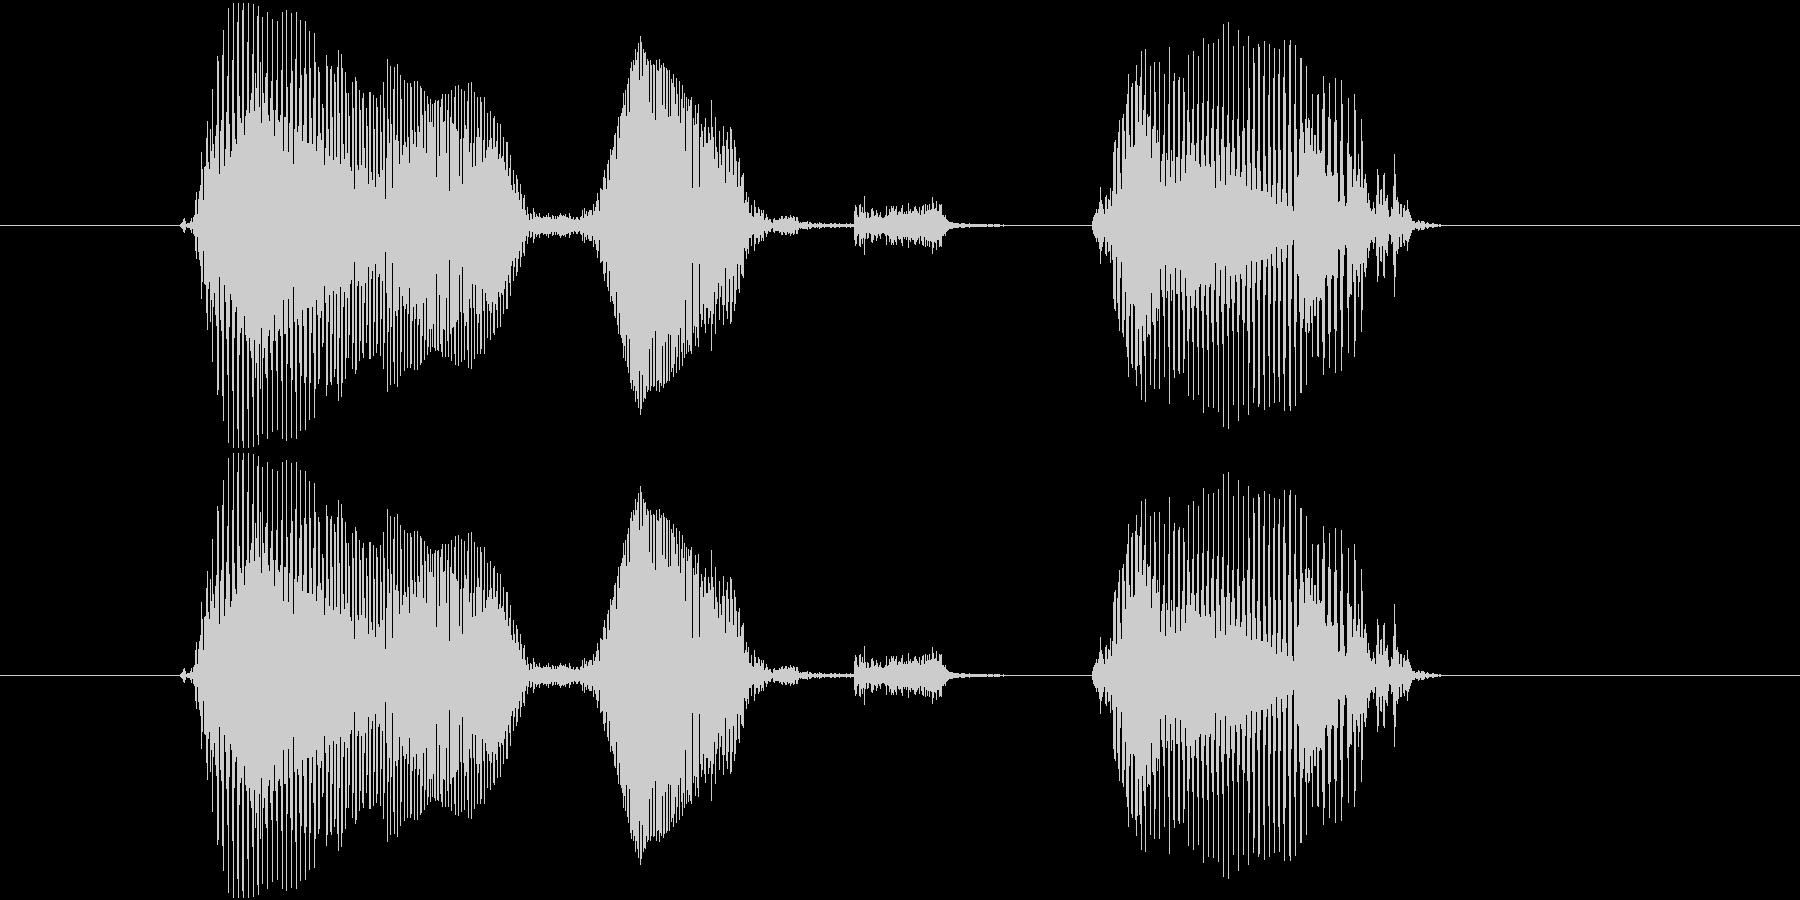 遊技機ゲーム用女性ボイス「パーフェクト」の未再生の波形